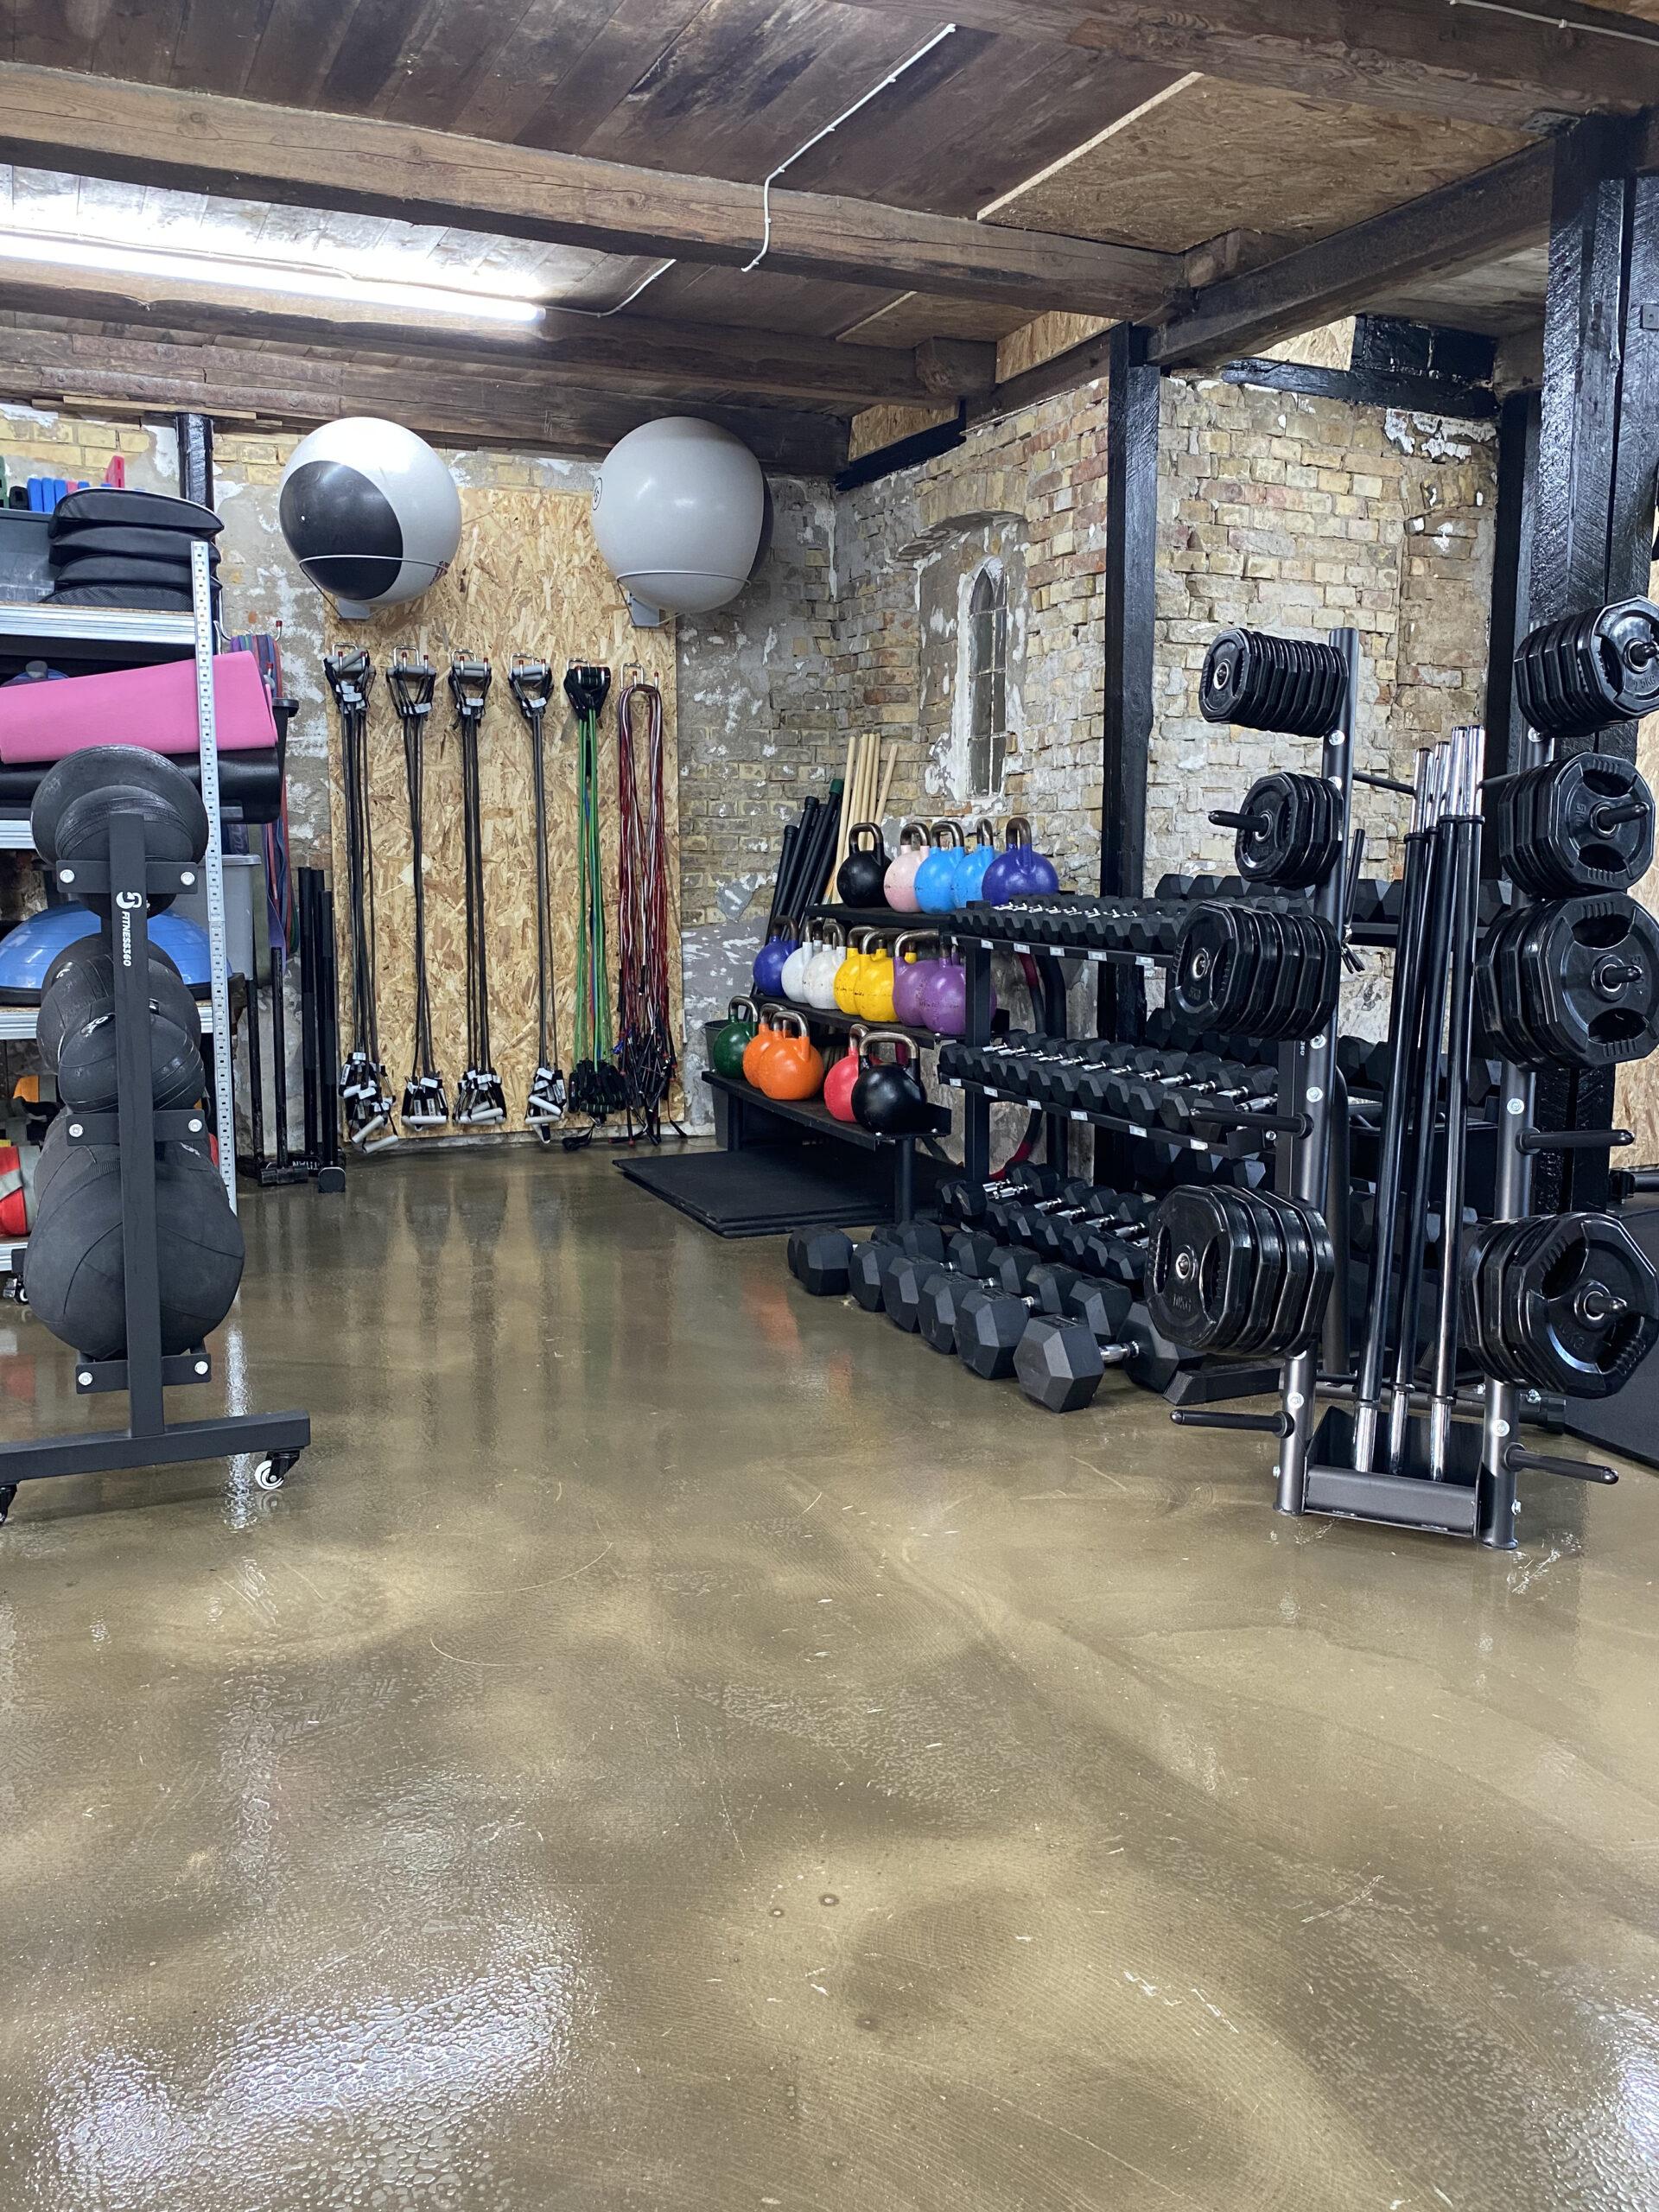 På Åløkke Allé Odense C, har jeg mit private træningslokale. Her er rolige omgivelser, hvor du er i fokus!